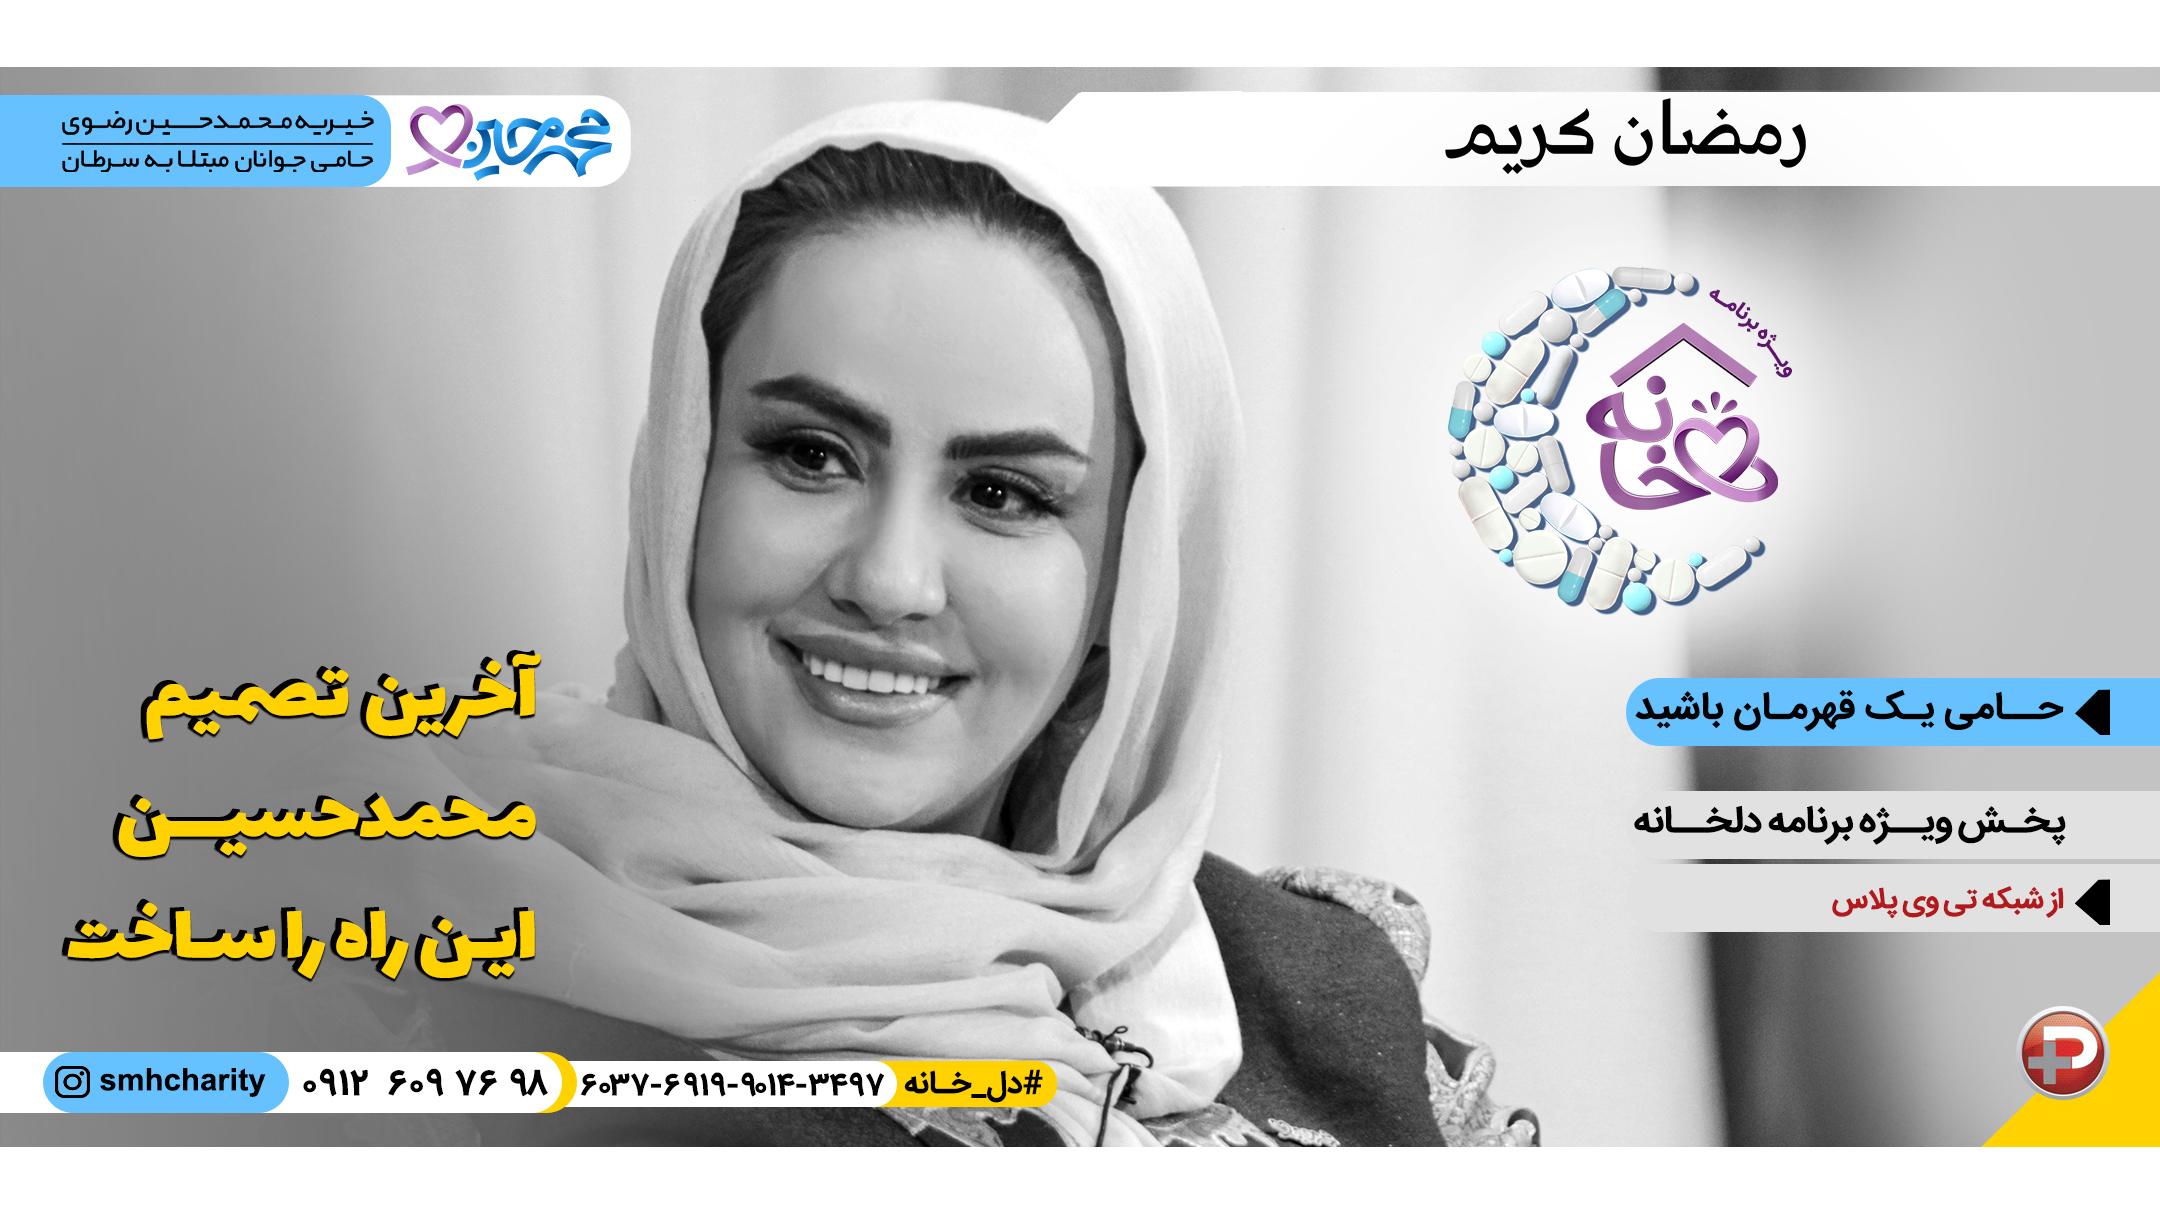 موسسه خیریه محمد حسین رضوی|حمایت از جوانان مبتلا به سرطان|سرکار خانم رضوی|